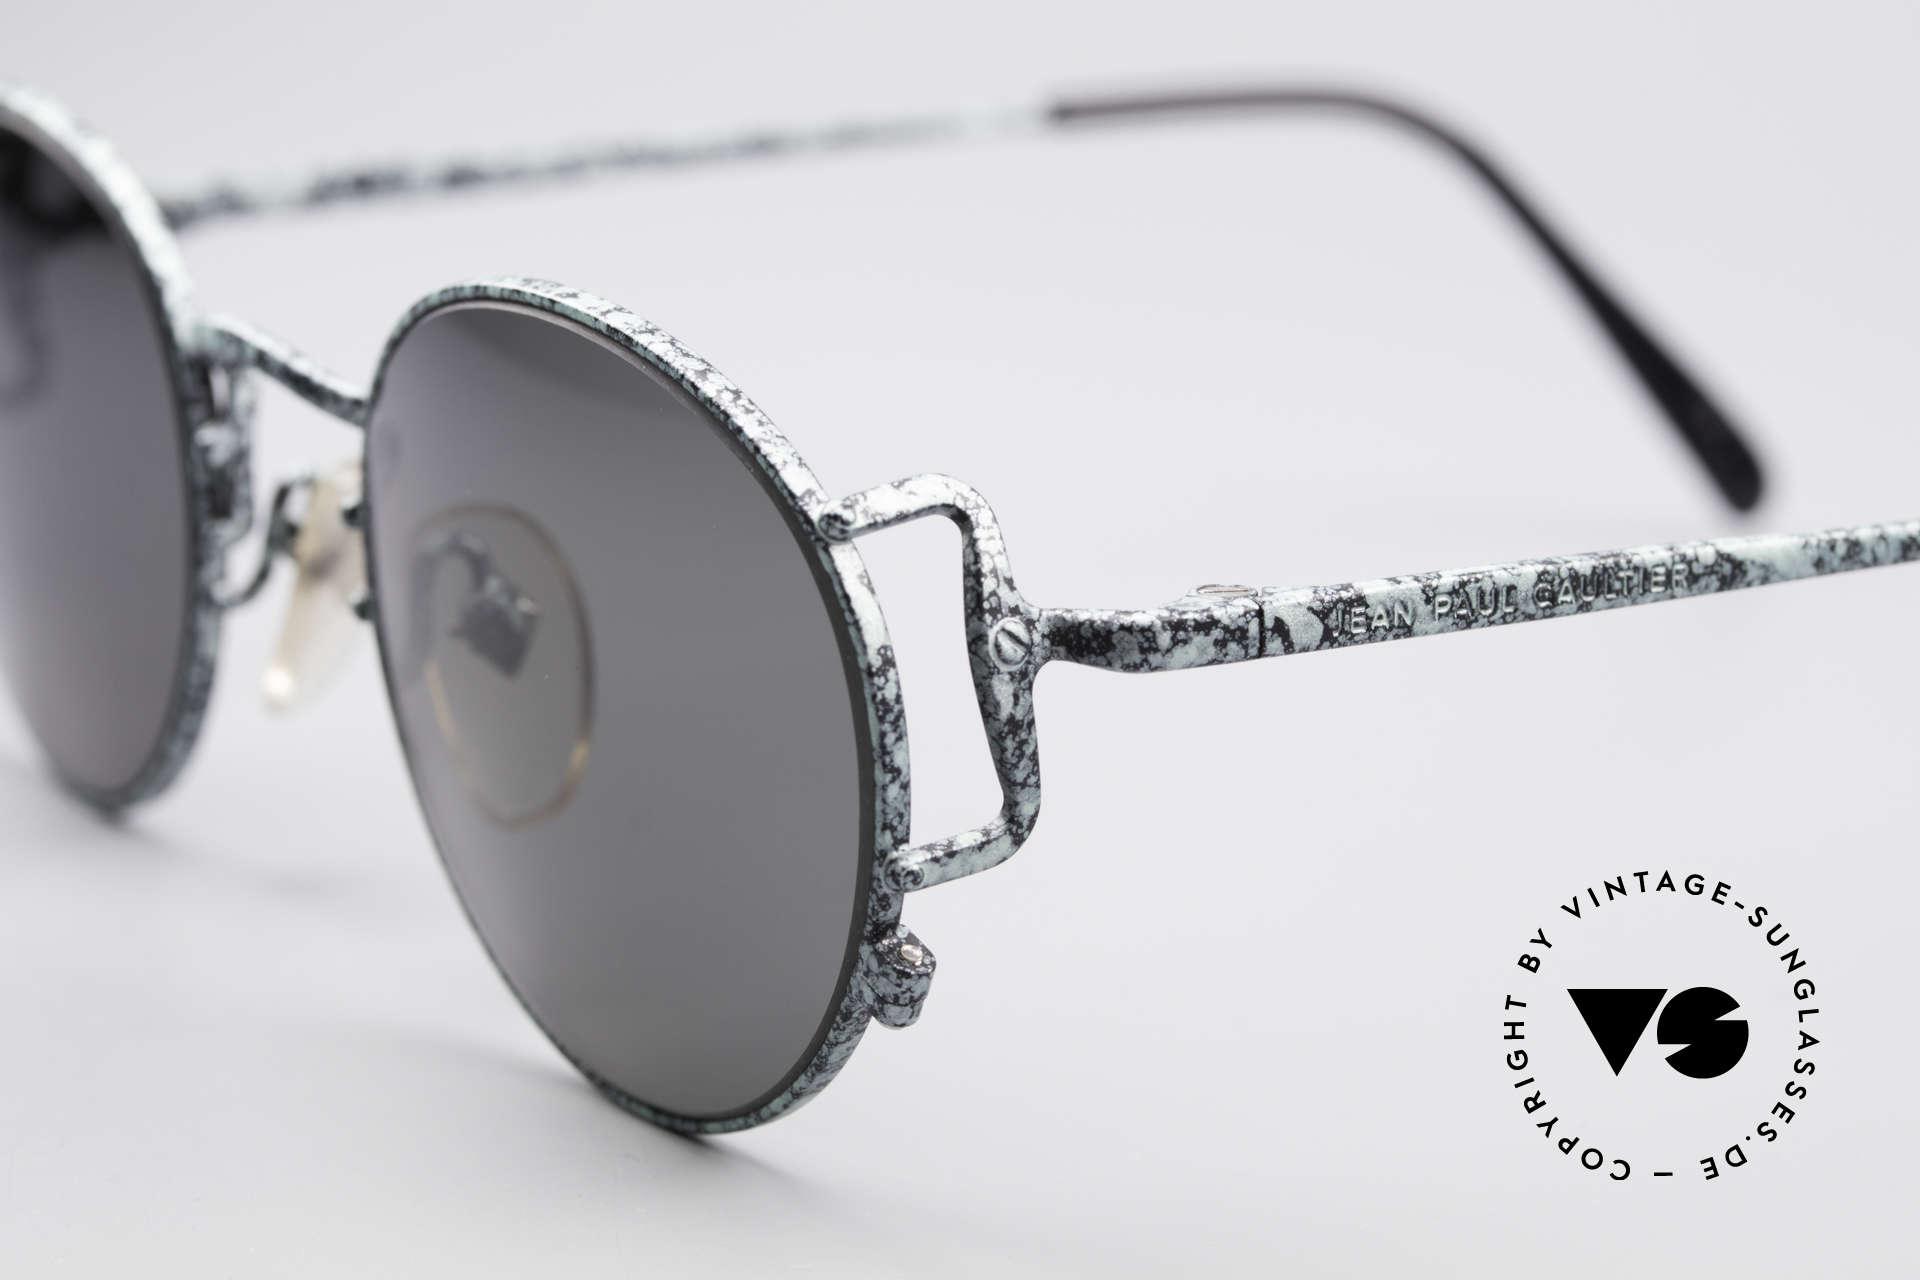 Jean Paul Gaultier 55-3178 Polarisierende Sonnenbrille, ungetragen (wie all unsere J.P.G. Sonnenbrillen), Passend für Herren und Damen